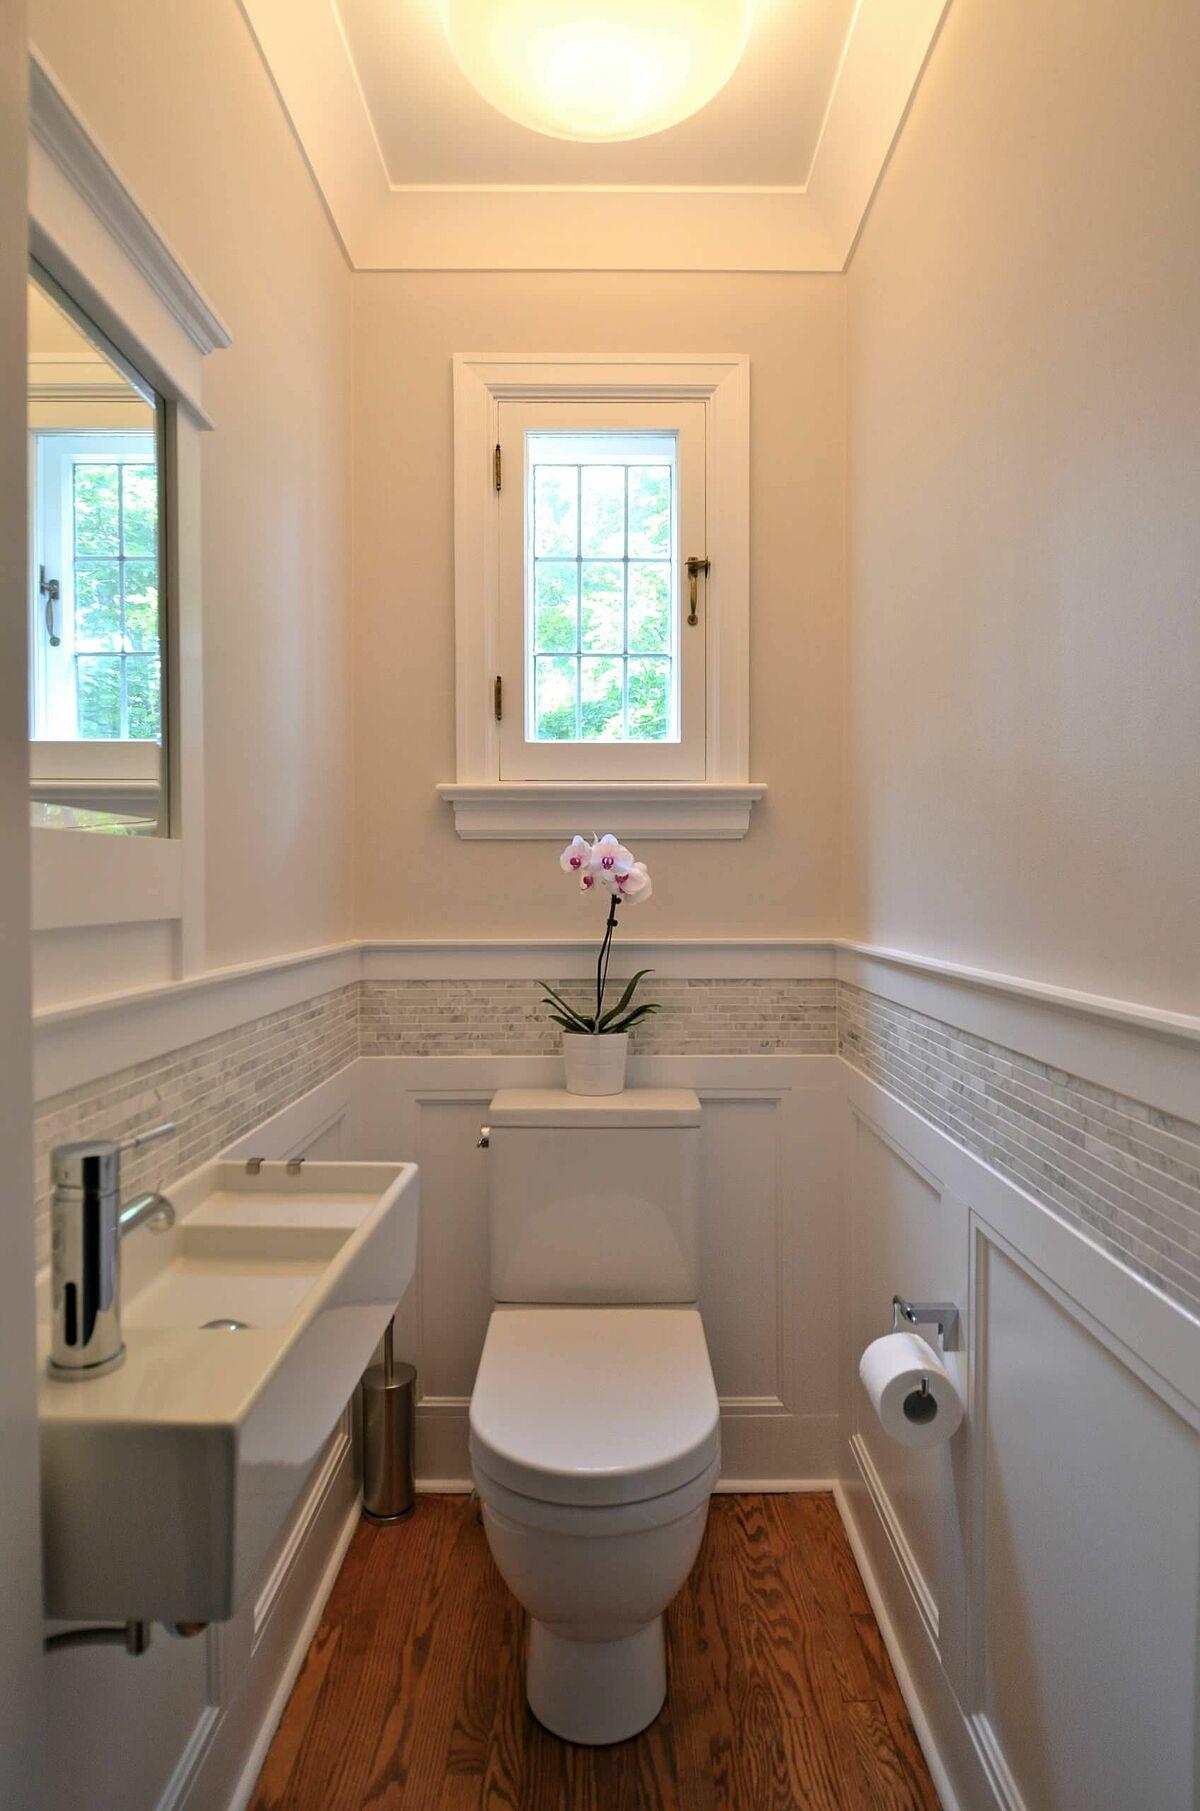 Lắp bồn rửa máng: Kiểu dáng hẹp và sạch sẽ của bồn rửa dạng máng là một giải pháp hữu hiệu cho các không gian nhỏ, hẹp. Bồn này có cấu tạo nông, gắn được trên tường giúp giải phóng không gian sàn để lưu trữ đồ hoặc mở rộng lối đi.